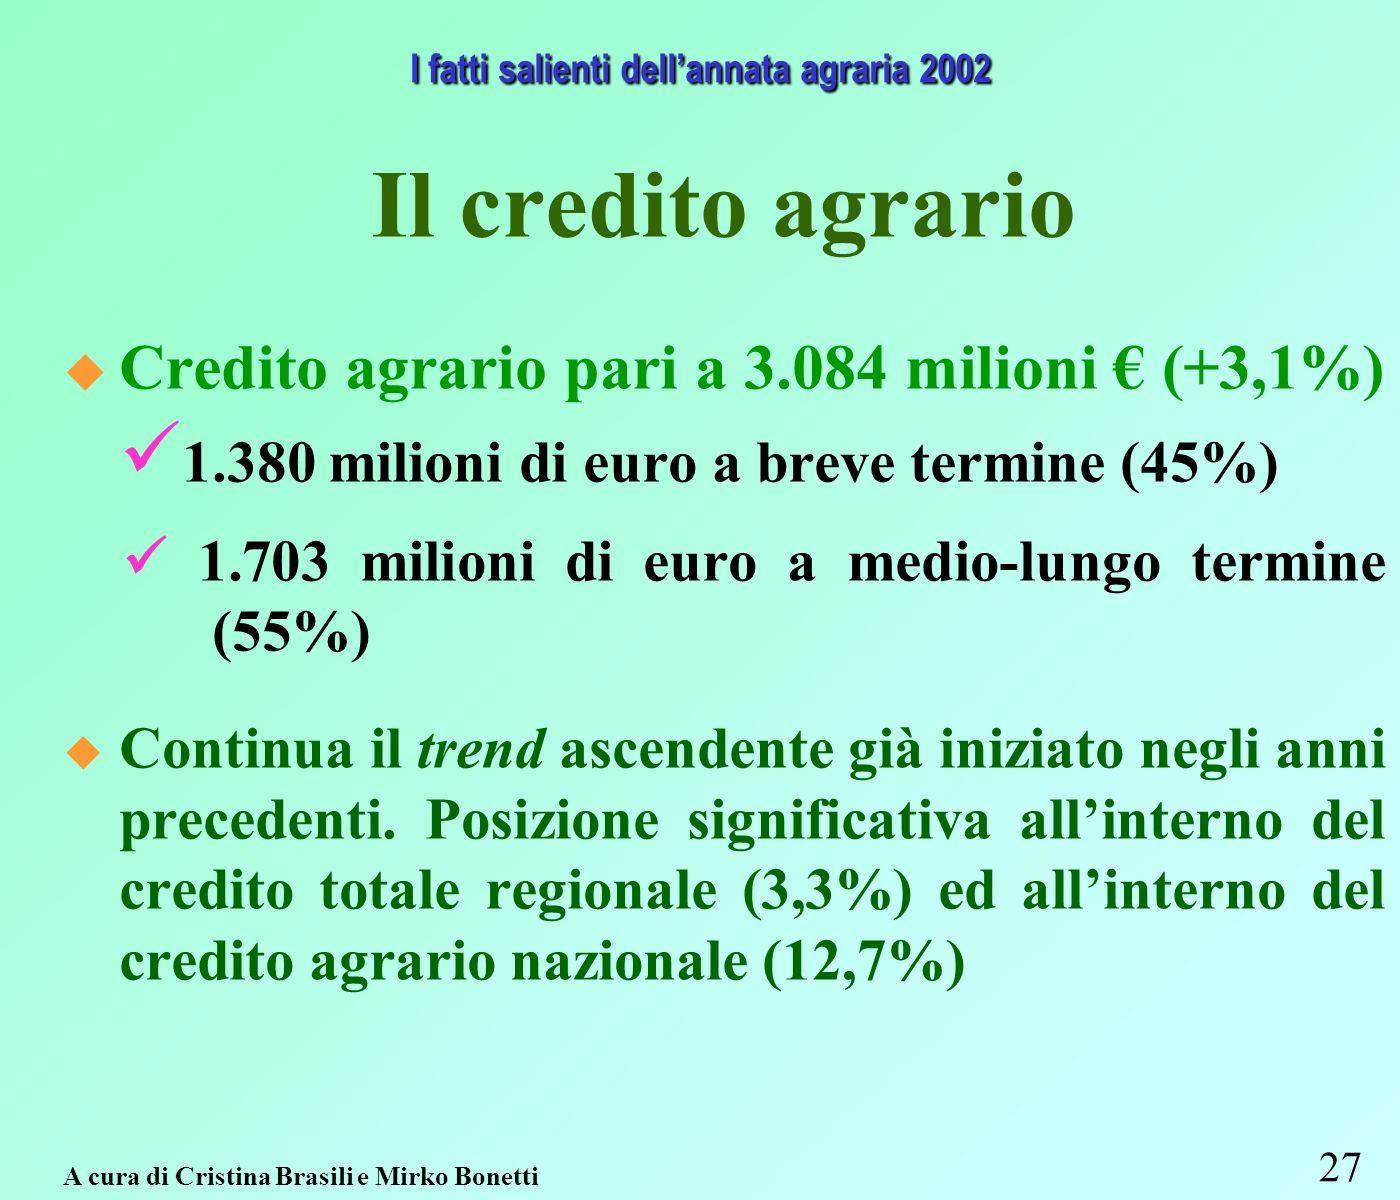 27 Il credito agrario Credito agrario pari a 3.084 milioni (+3,1%) 1.380 milioni di euro a breve termine (45%) 1.703 milioni di euro a medio-lungo termine (55%) Continua il trend ascendente già iniziato negli anni precedenti.